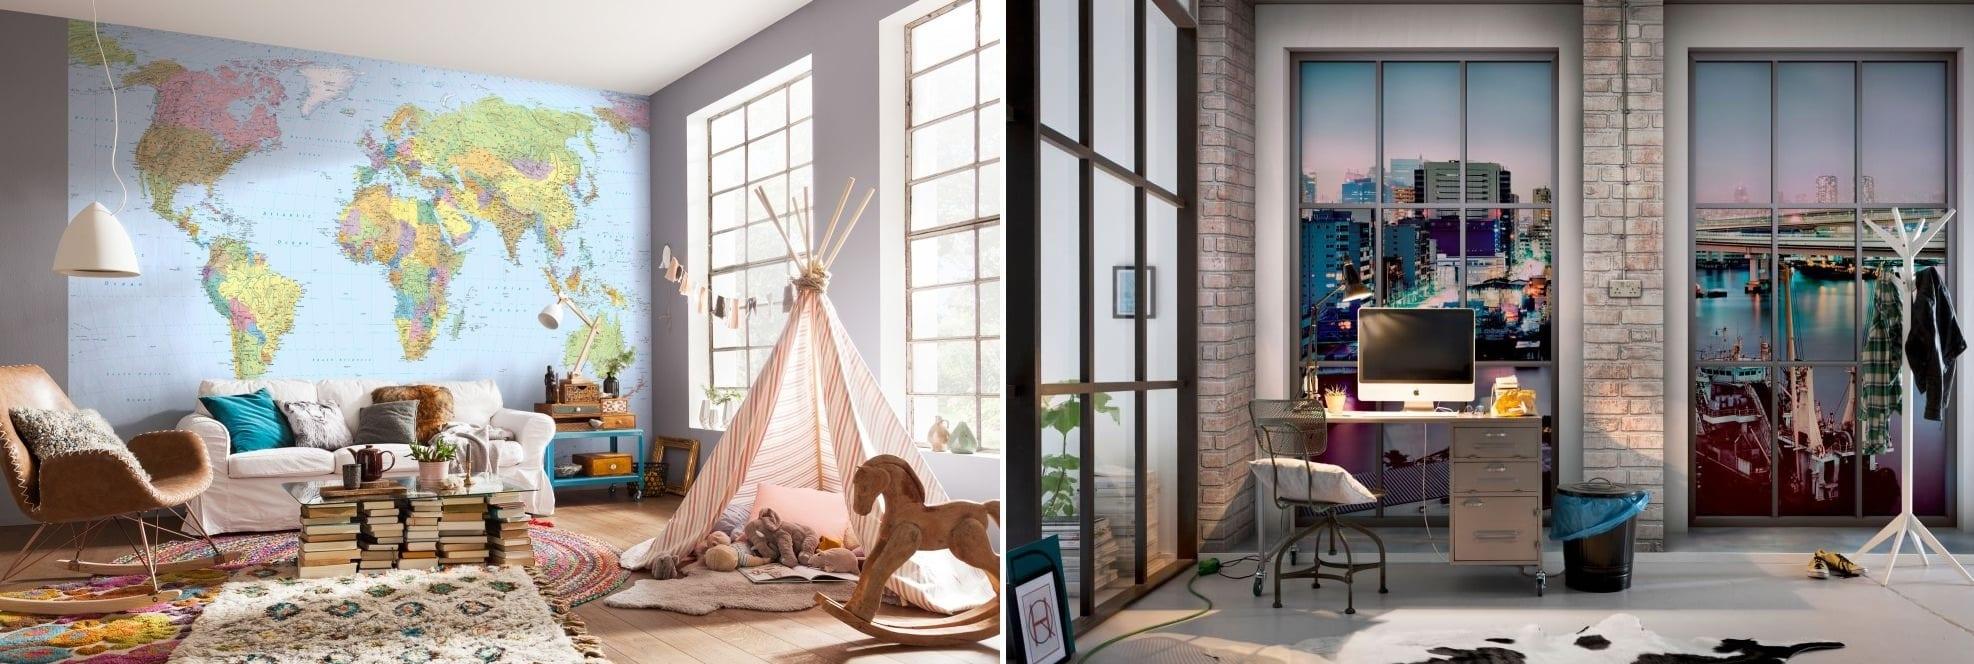 Vyšperkovaný interiér? Odpovědí jsou luxusní fototapety na zeď